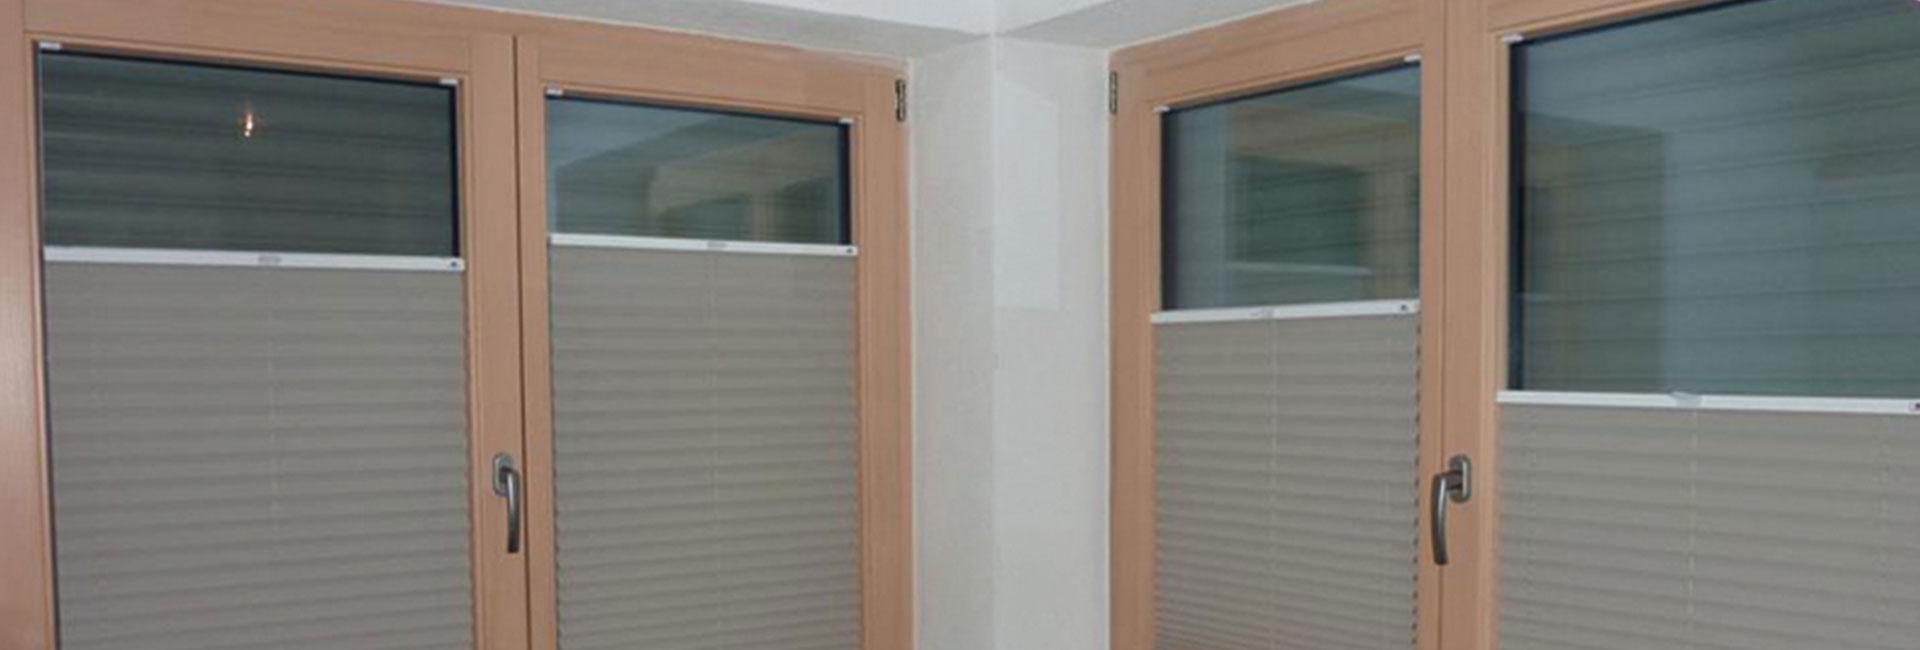 schlaff rdernde plissee verdunkelung am schlafzimmerfenster. Black Bedroom Furniture Sets. Home Design Ideas